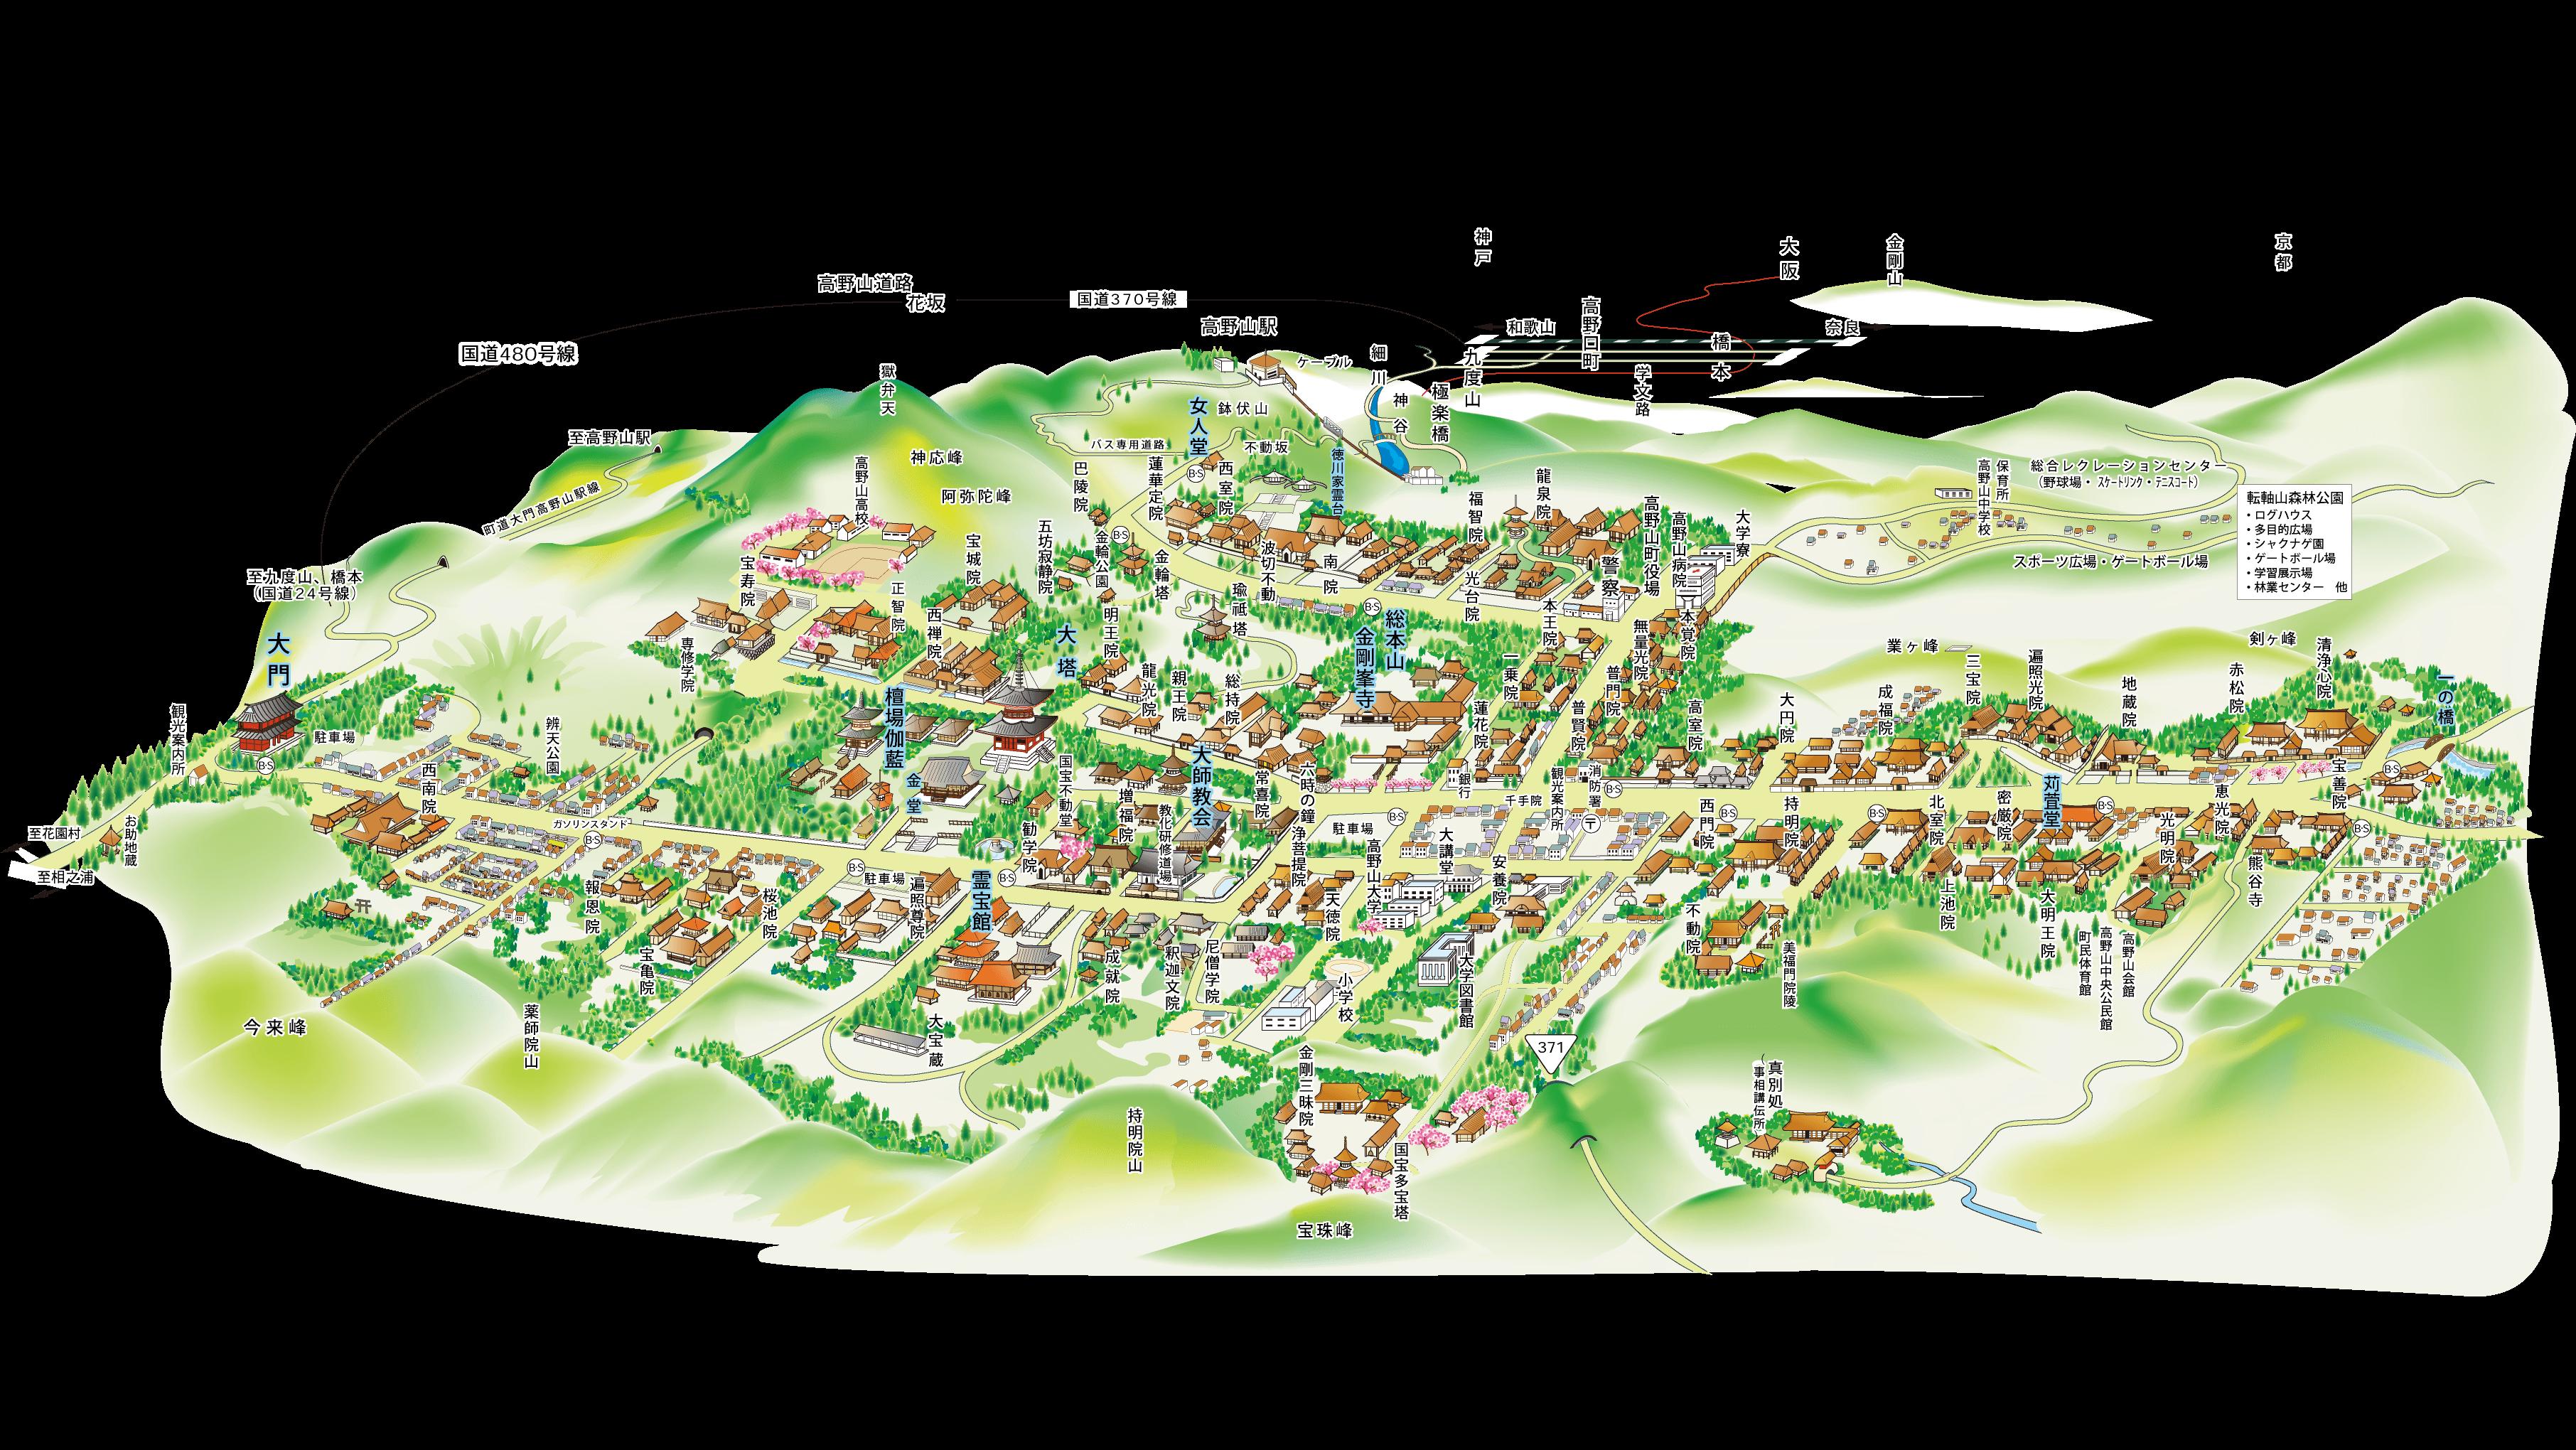 http://www.koyasan.or.jp/sp/images/access/index_map_koyasanL.png